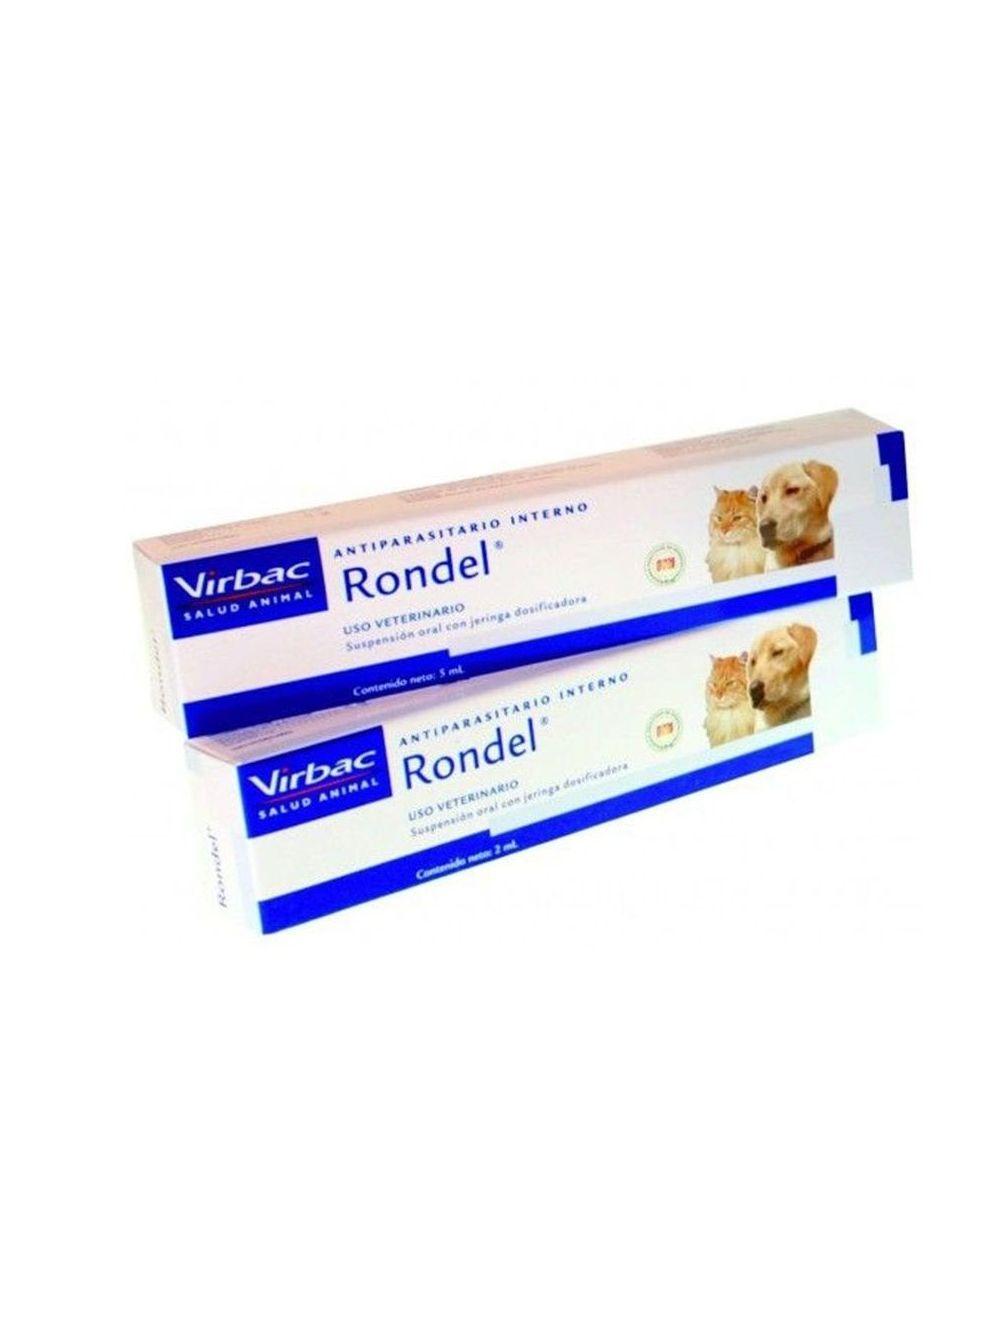 Antiparasitario Rondel para Perros y Gatos (5 ml)